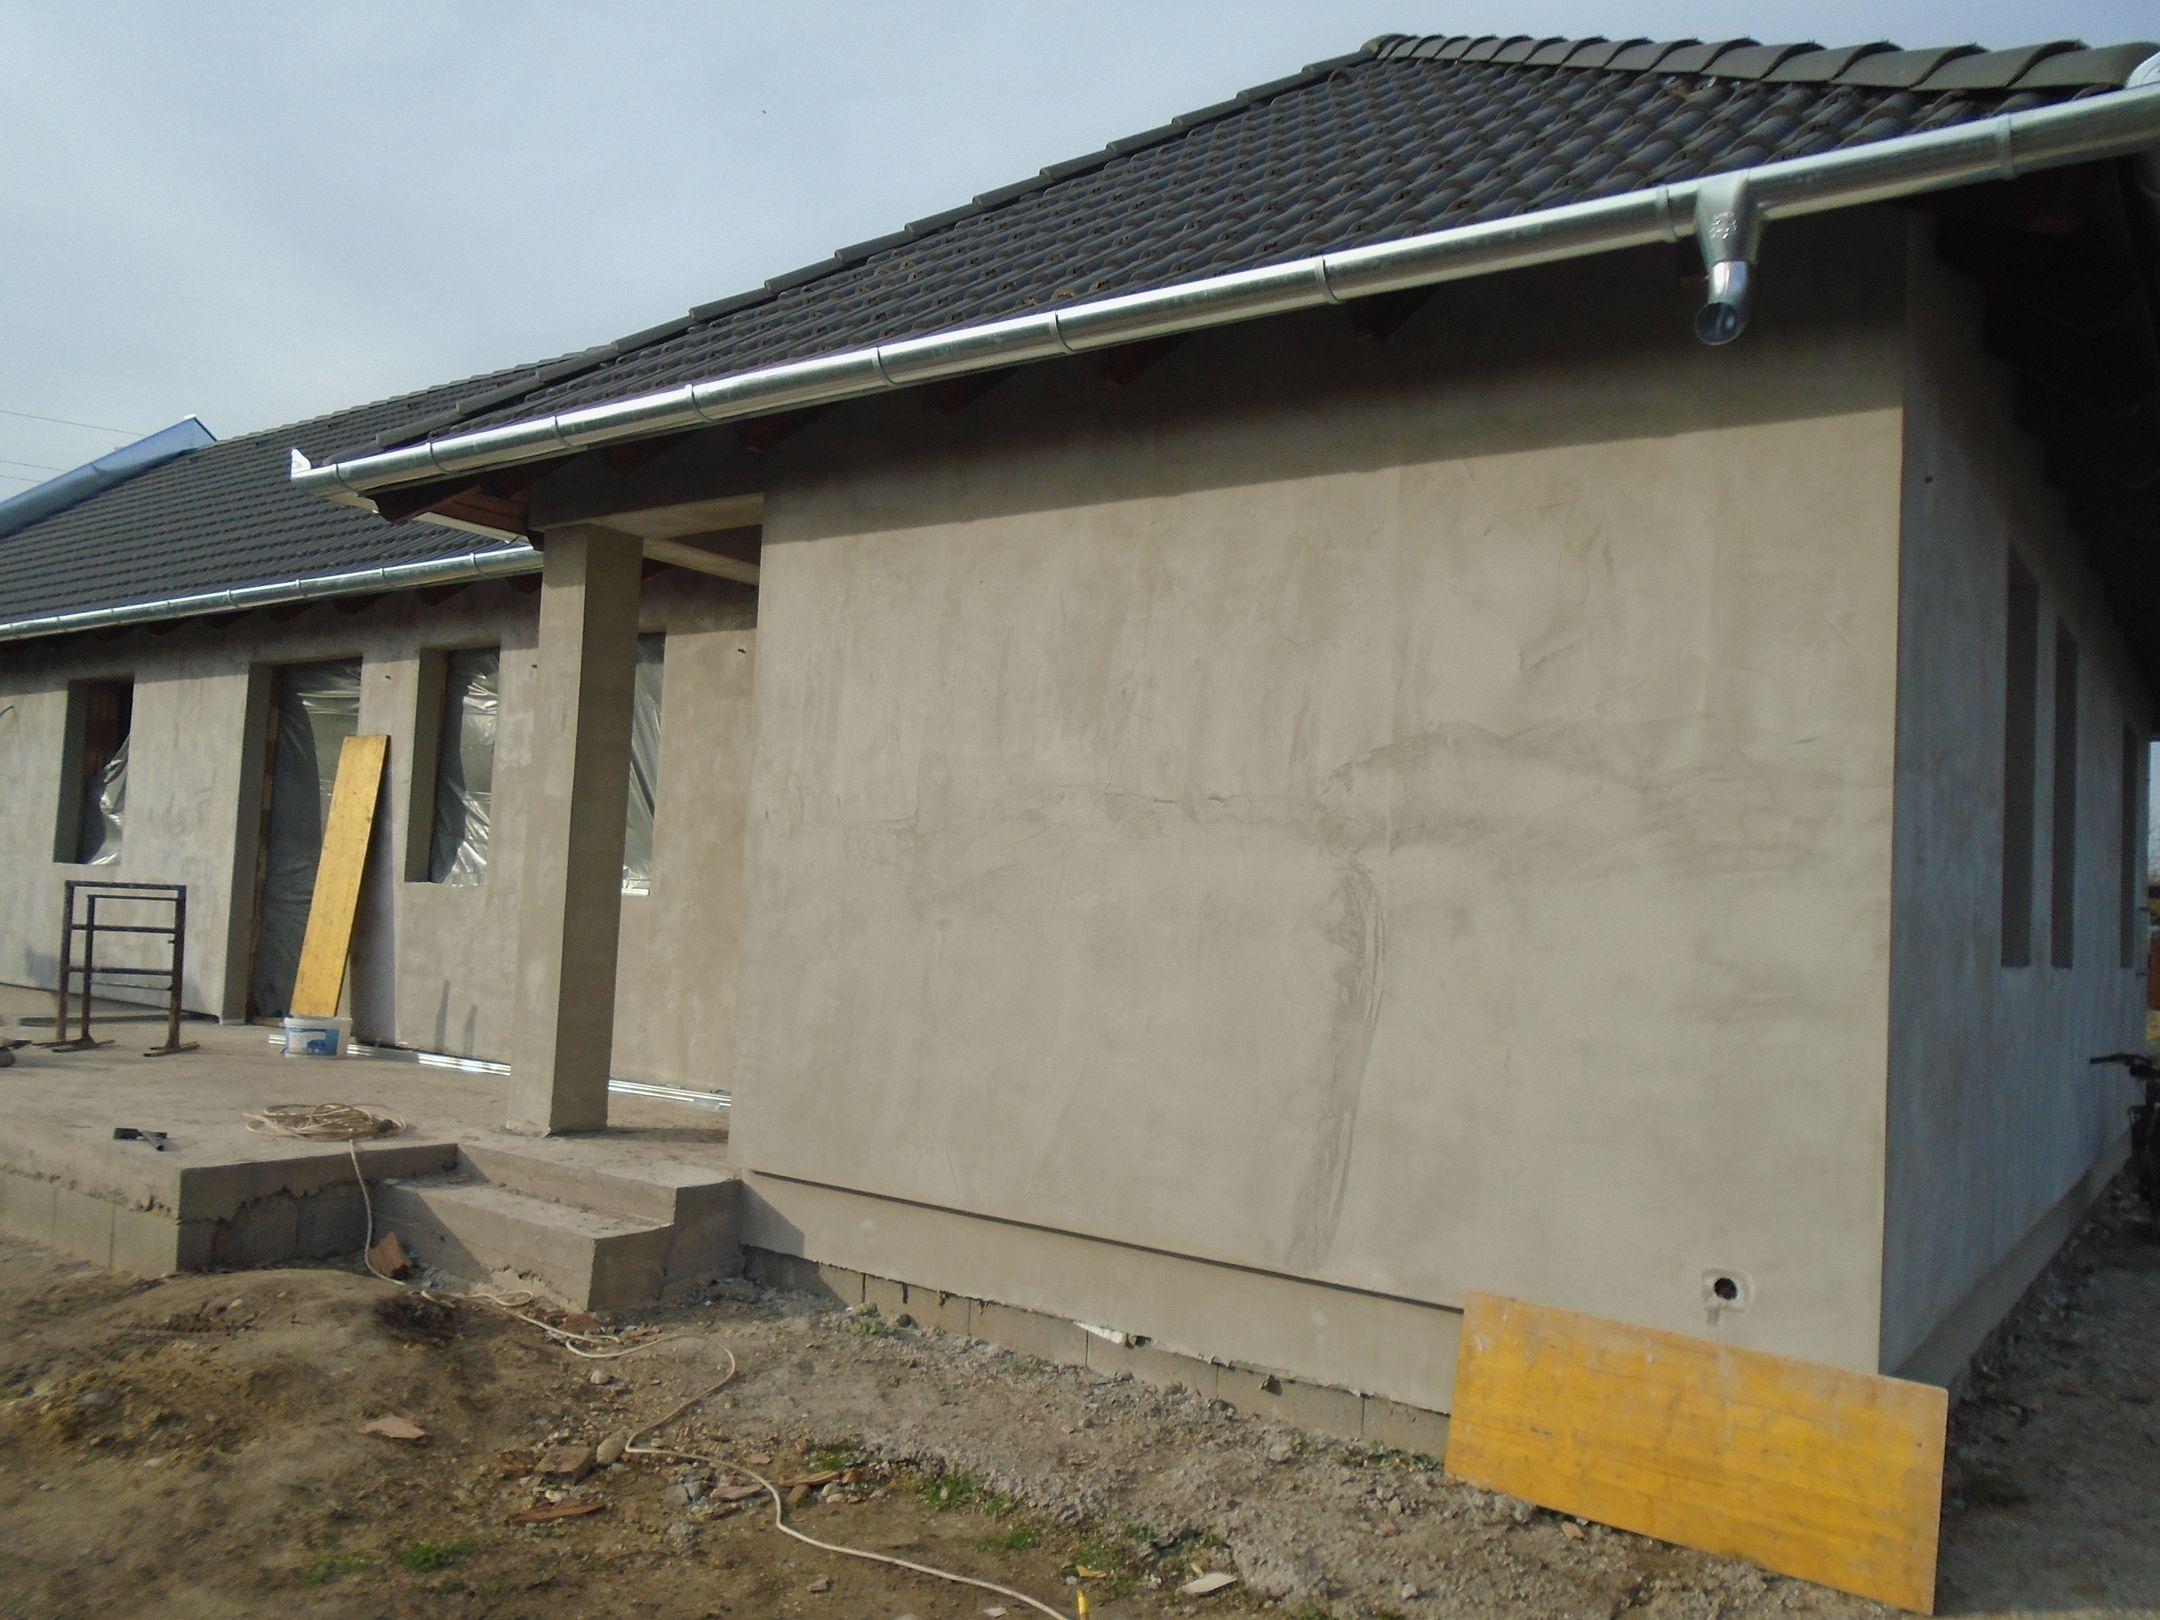 Péteri központjához közel,csendes,családias környezetben eladó egy új építésű,földszintes családi ház